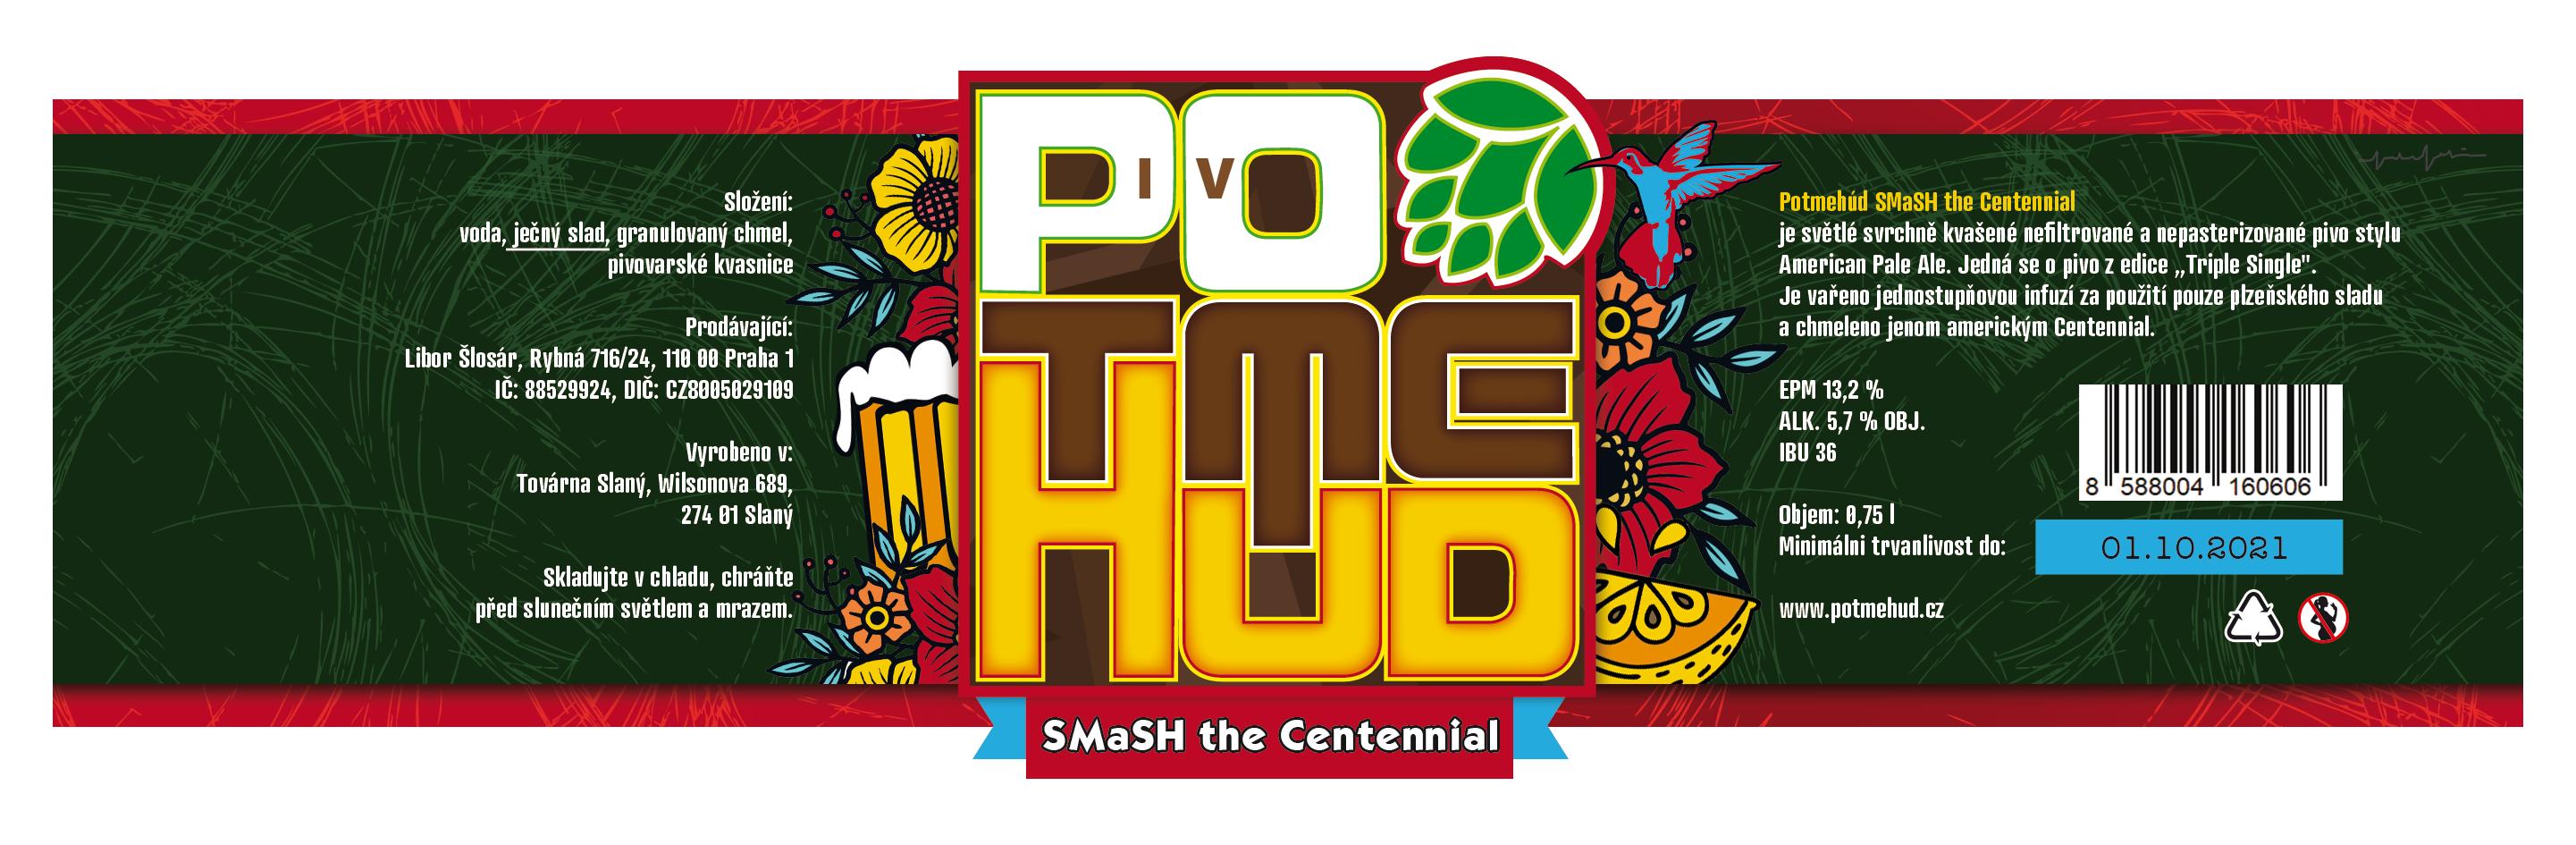 potmehud_etiketa_design_062021_SMaSHtheCentennial